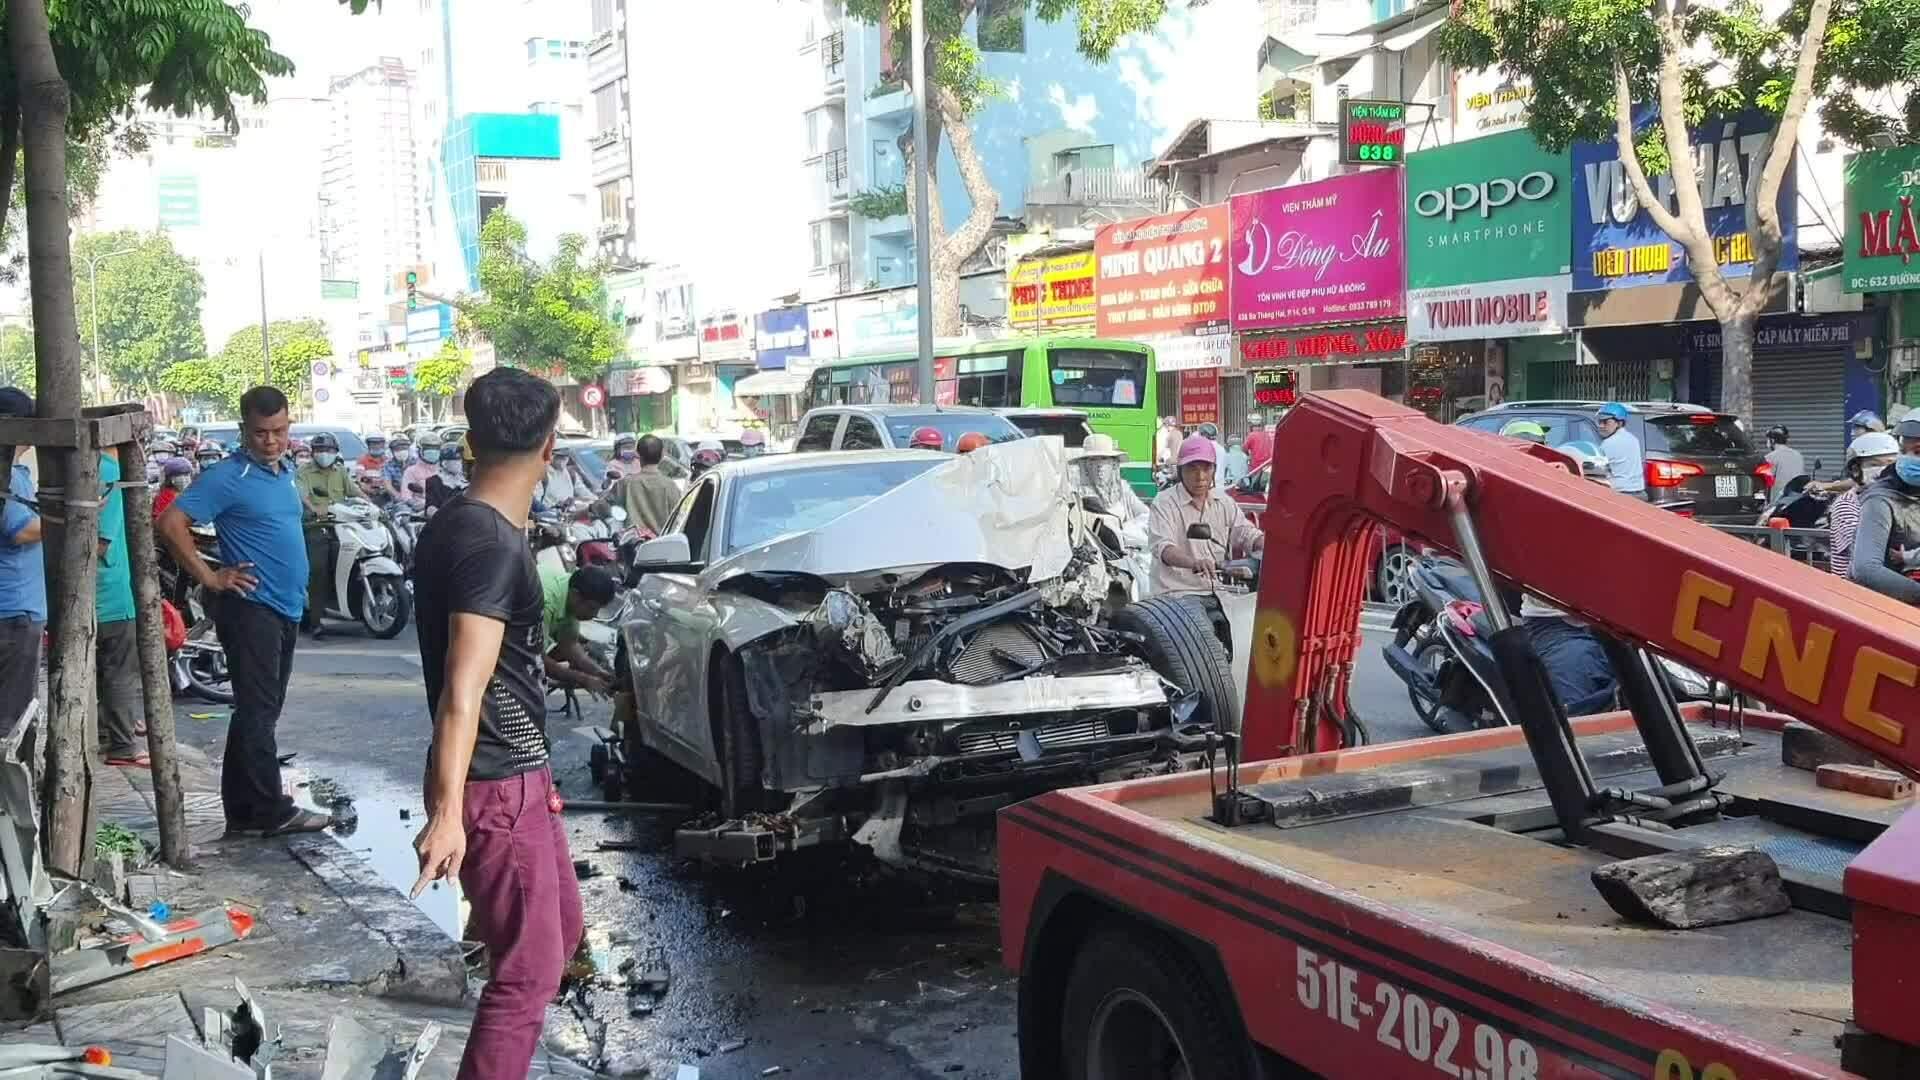 Video minh họa hiện trường tai nạn BMW